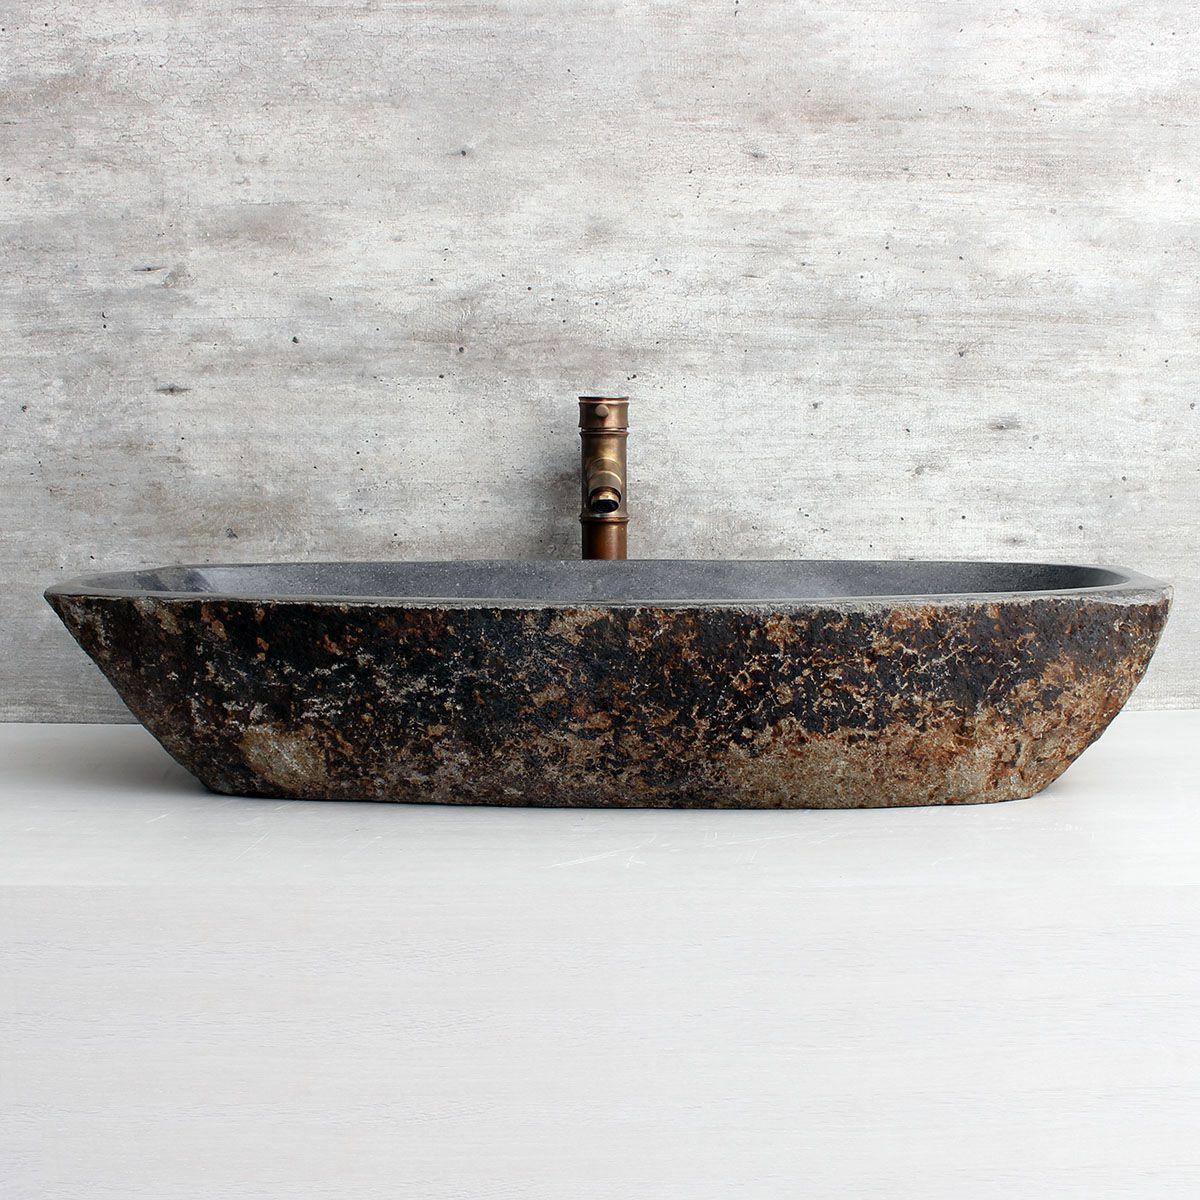 Cuba de Banheiro em Pedra Natural XXXL36 94x37x15cm